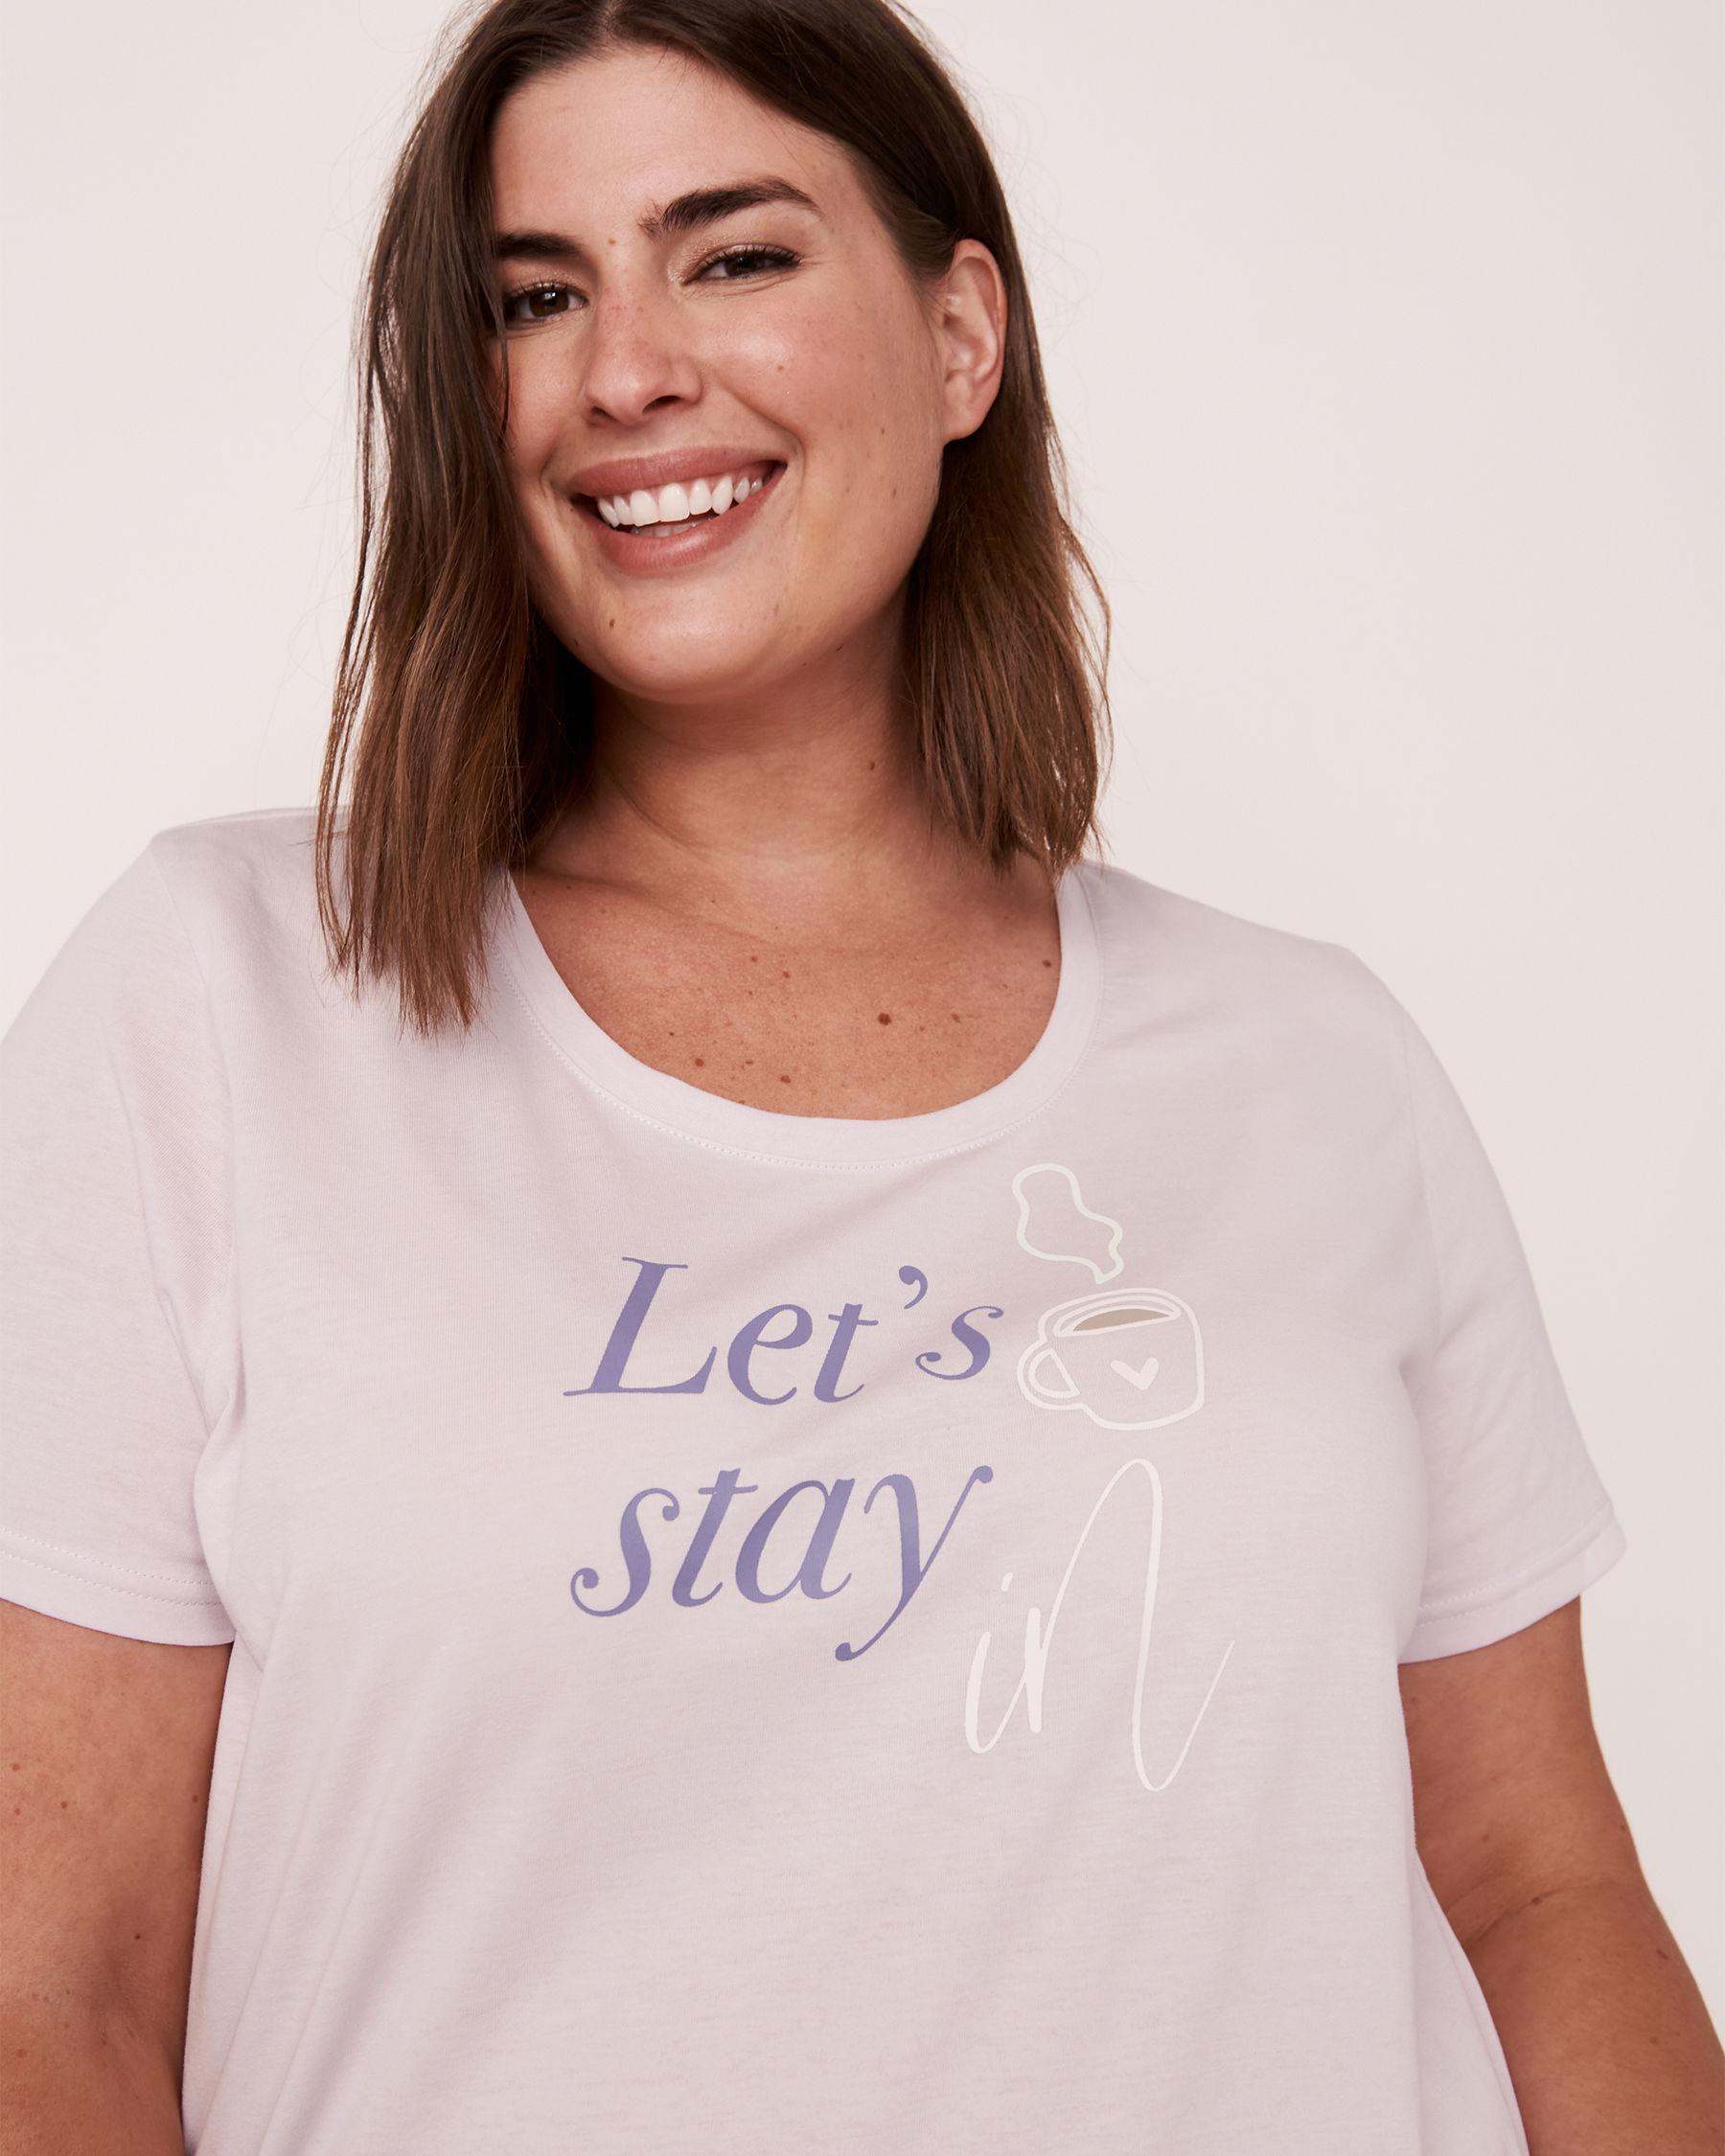 LA VIE EN ROSE Scoop Neck T-shirt Lavender 40100167 - View1